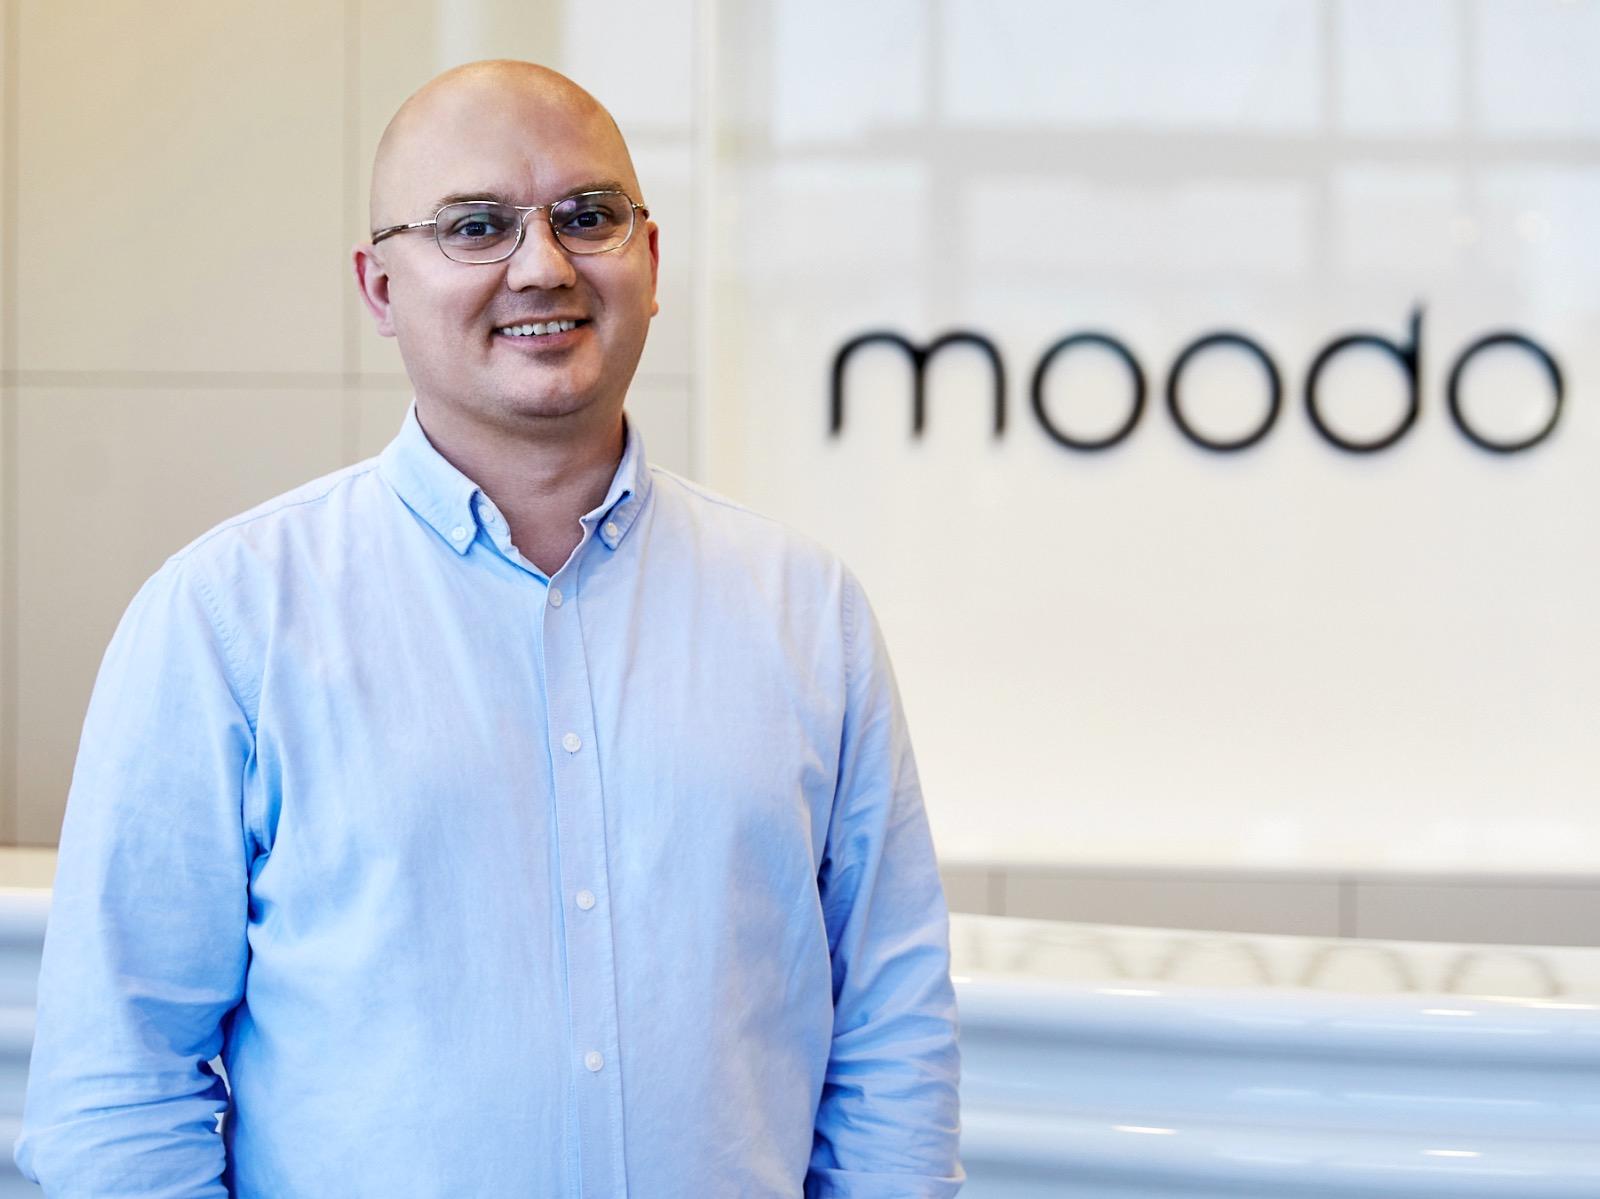 Wojciech Kalejta, dyrektor zarządzający Moodo